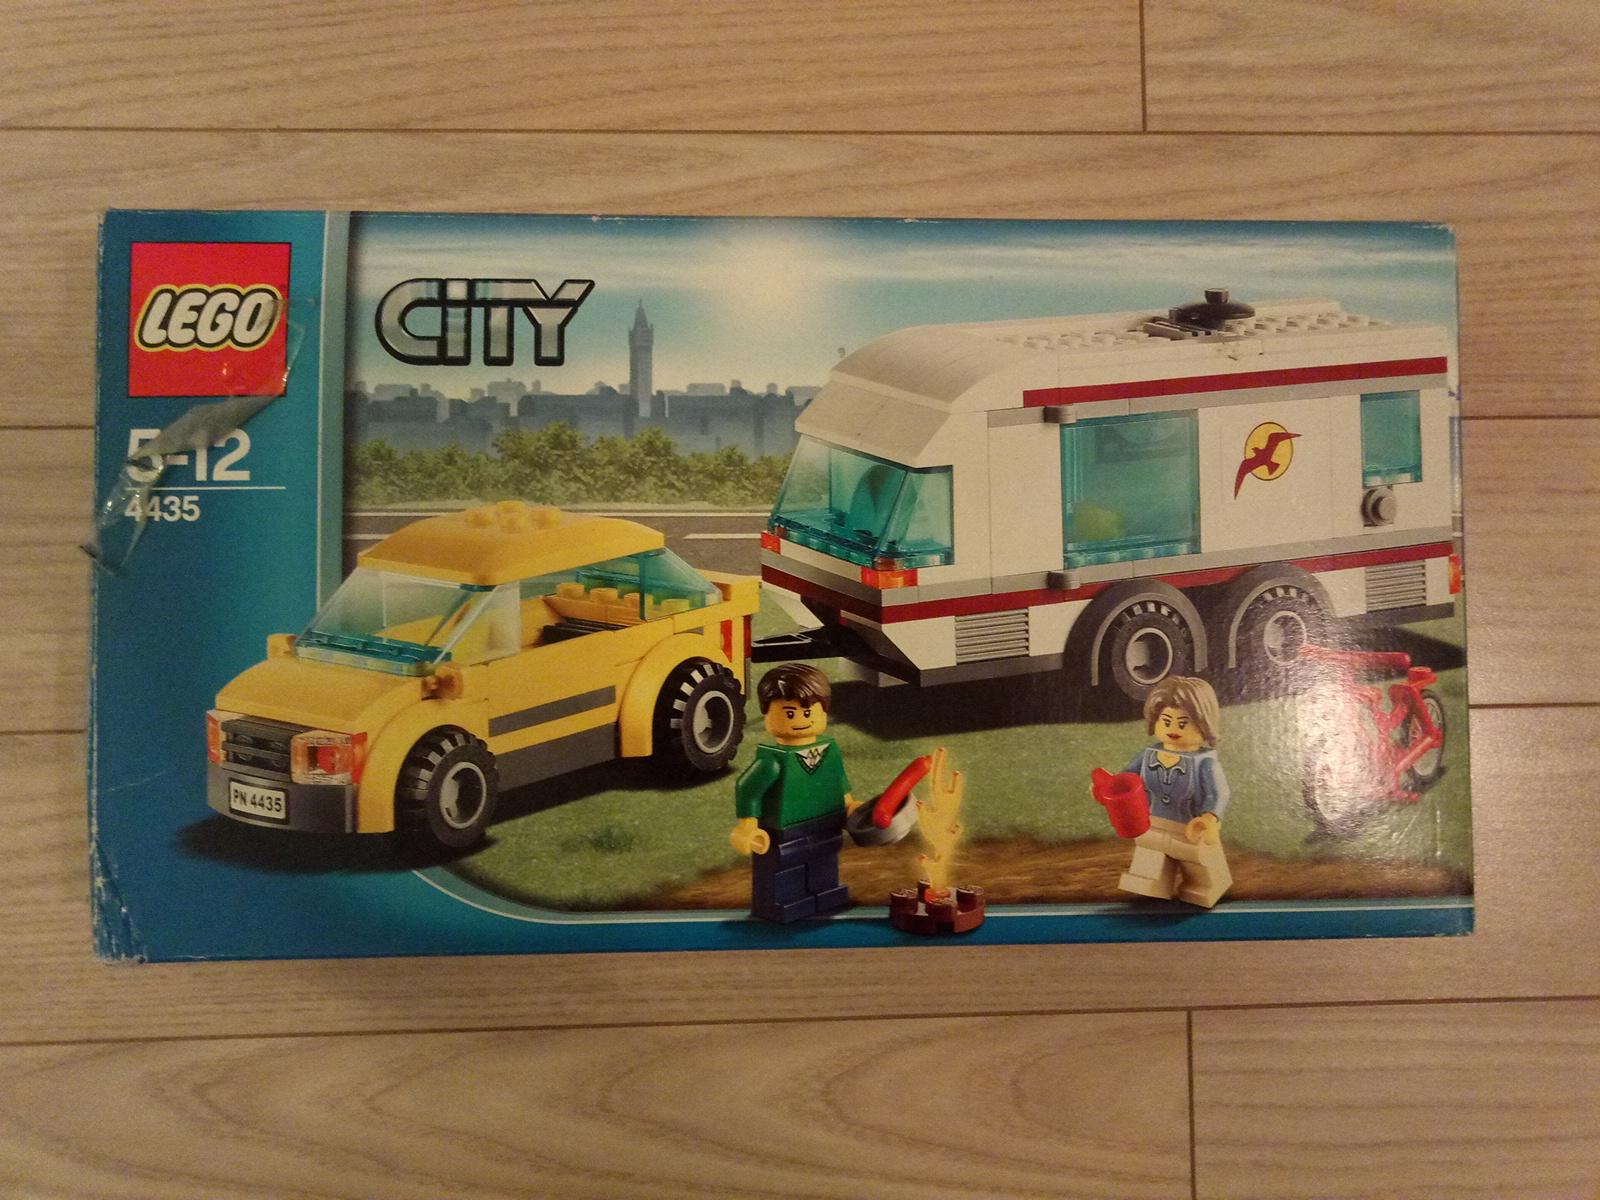 Lego City 4435 Samochód Z Przyczepą Kempingową 7119245997